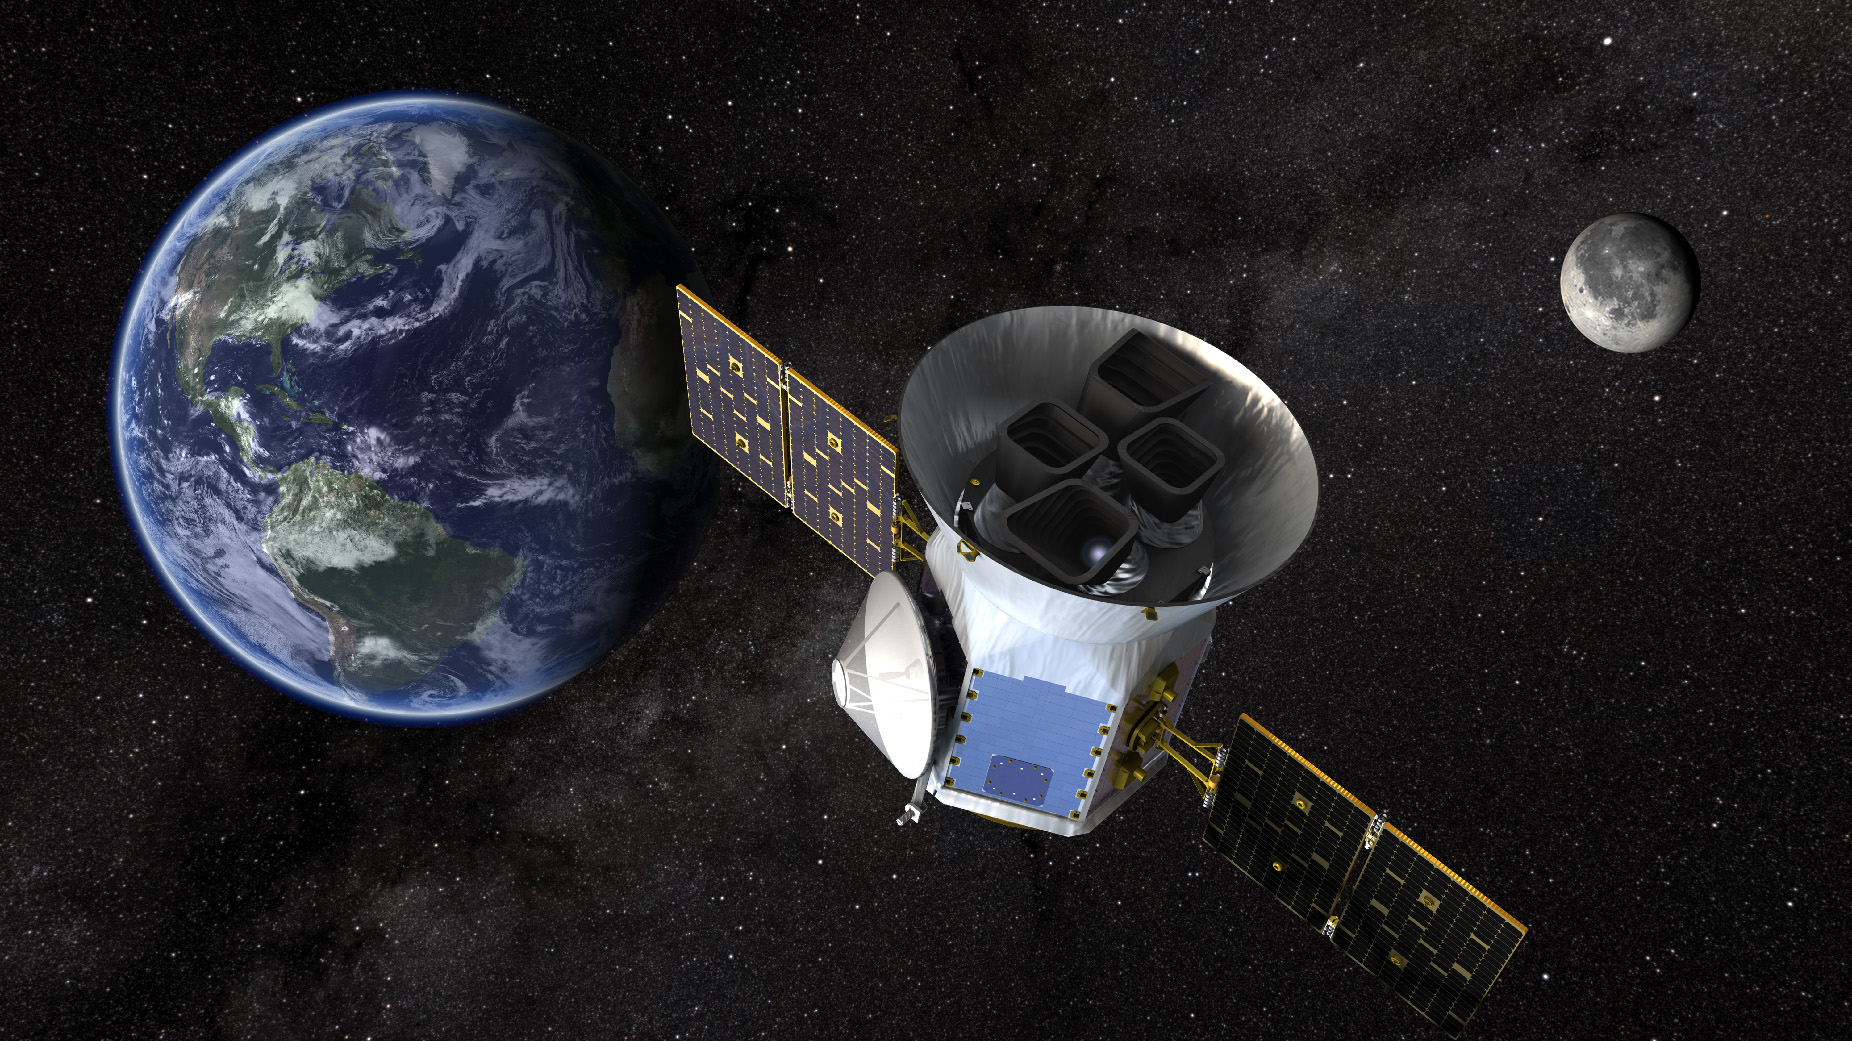 Nový algoritmus urychlí vyhledávání exoplanet v datech z teleskopu TESS